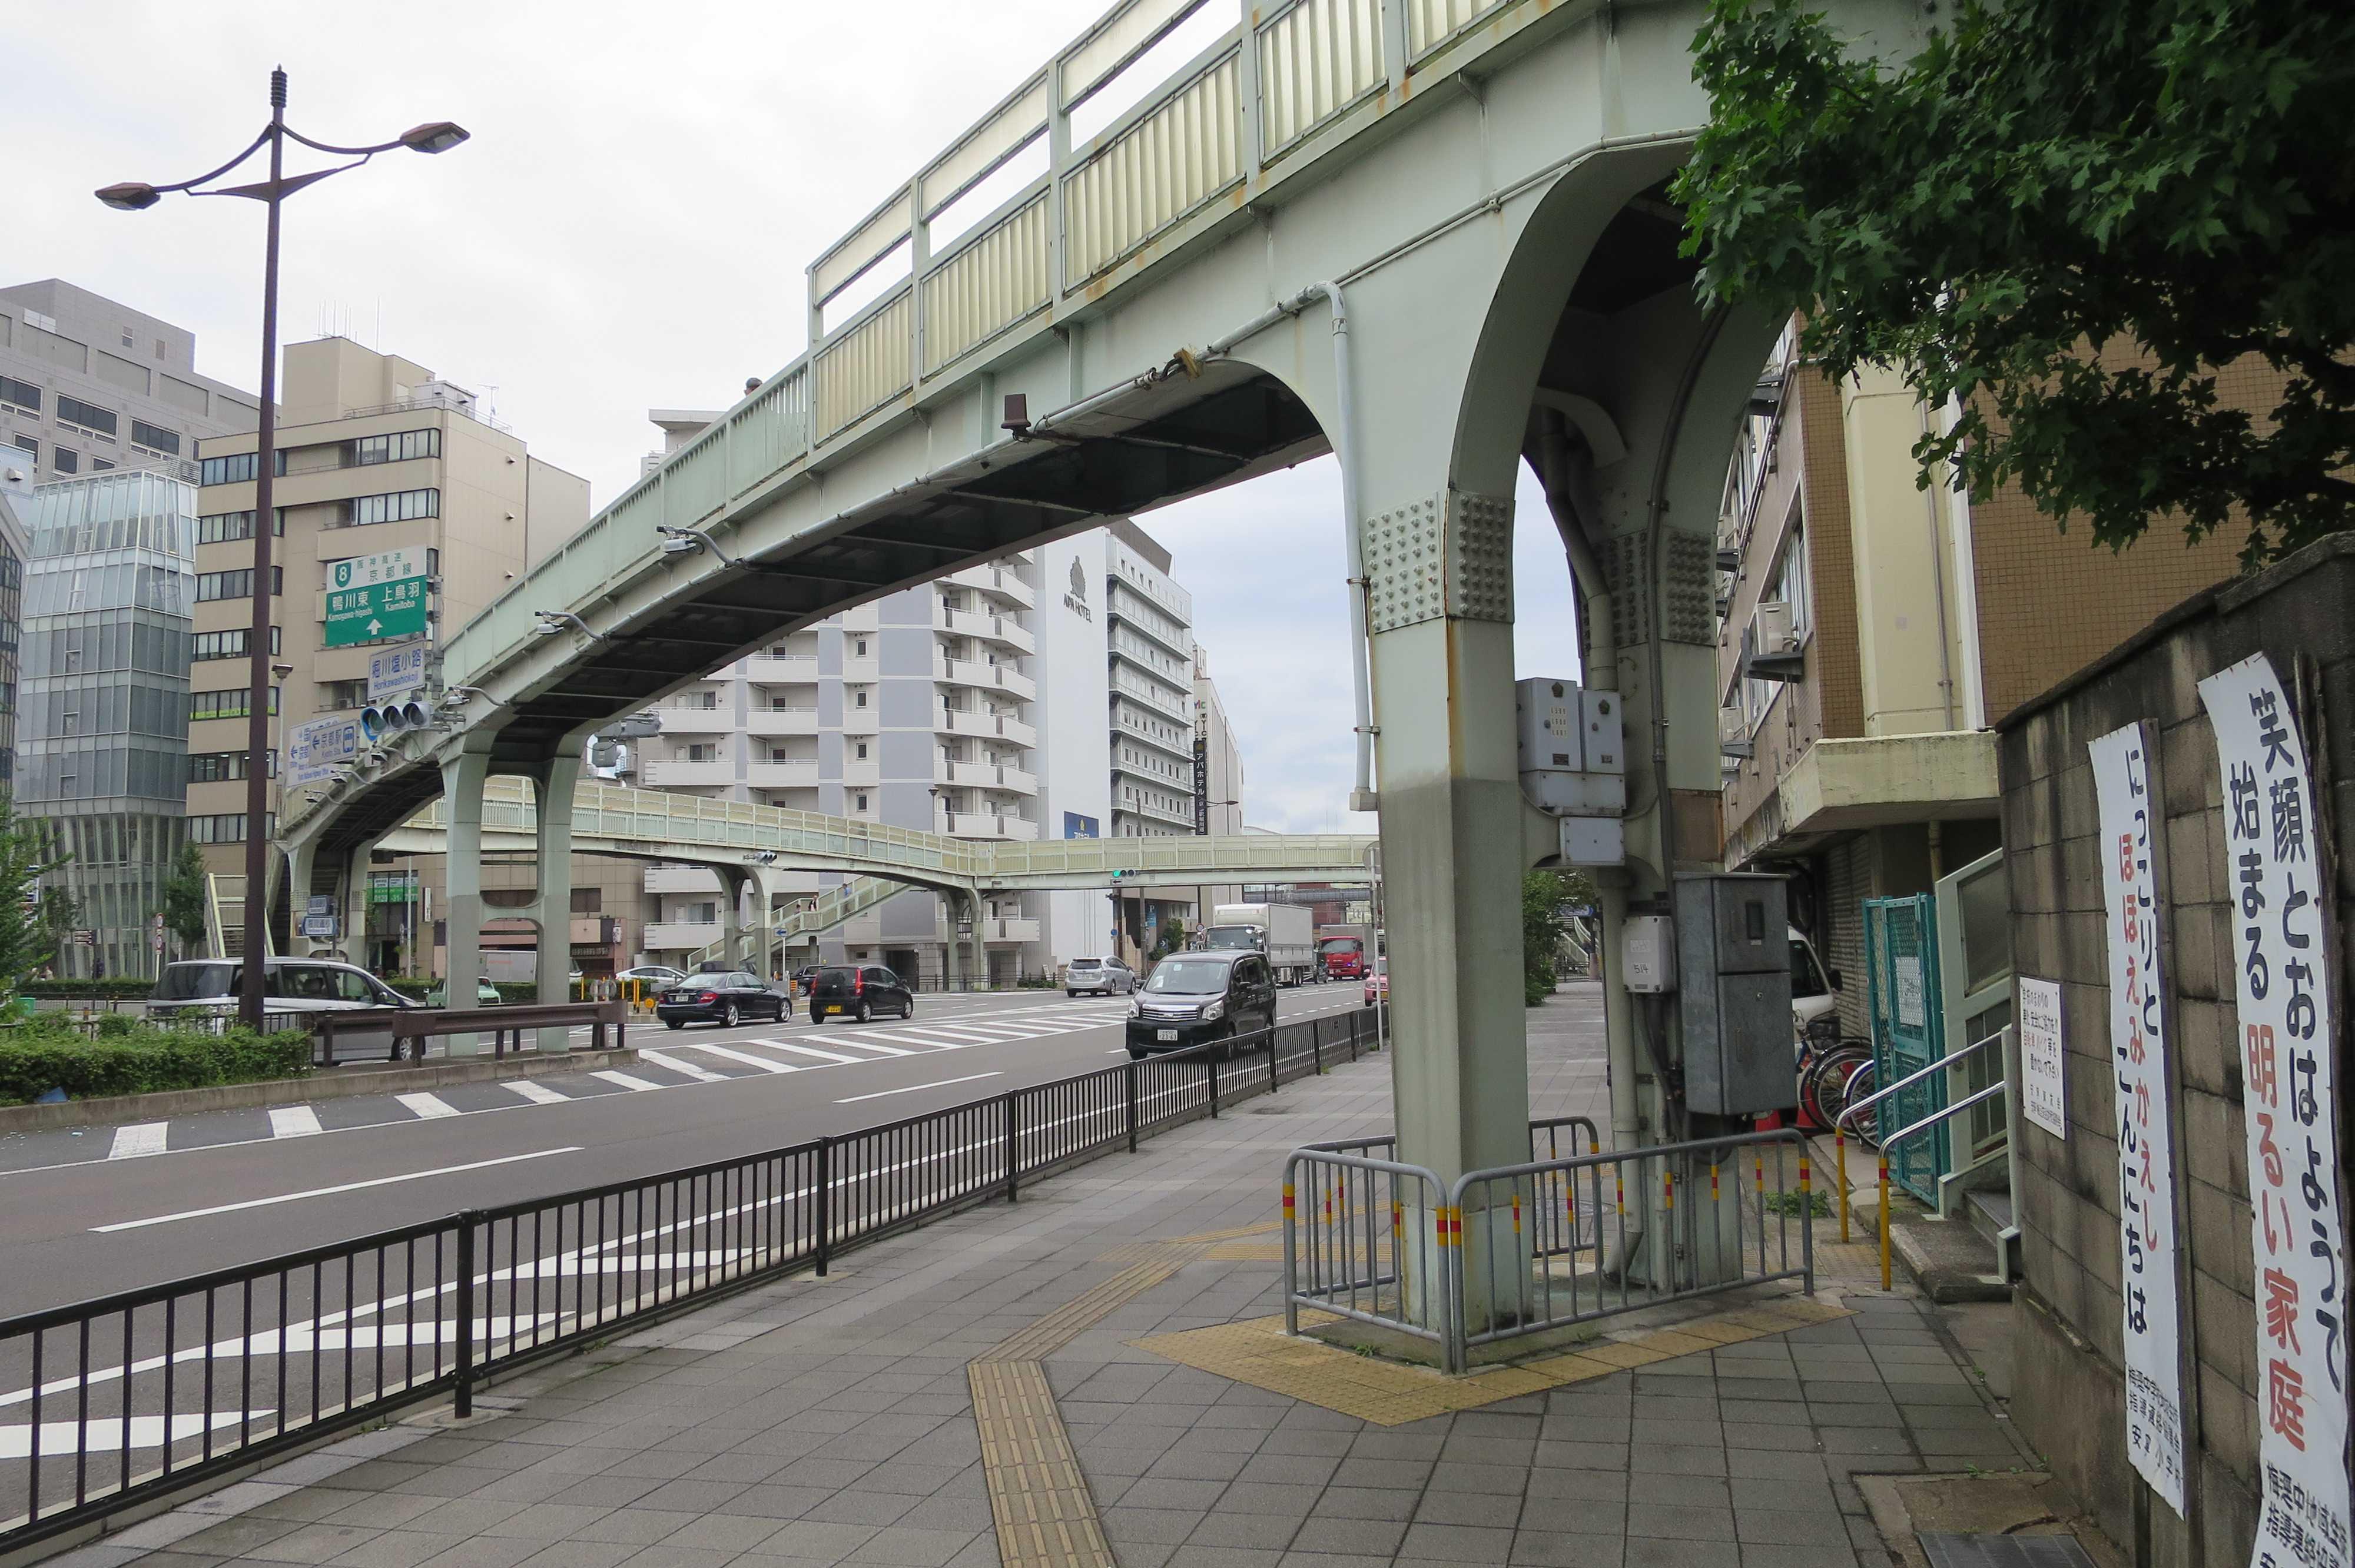 京都 - 堀川塩小路の歩道橋の外観